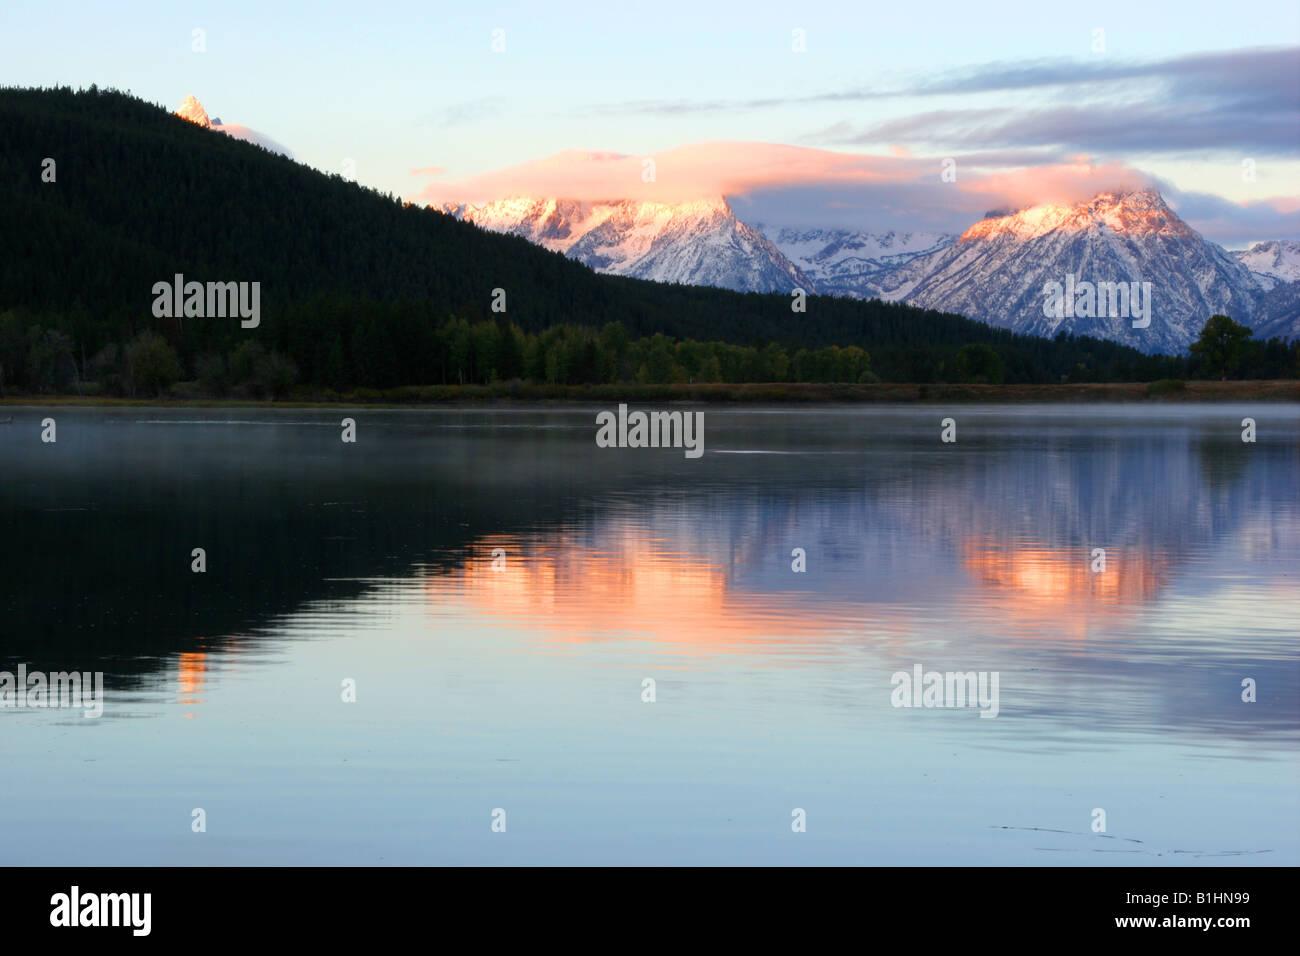 L'aube sur la rivière Snake, parc national de Grand Teton, Wyoming Banque D'Images